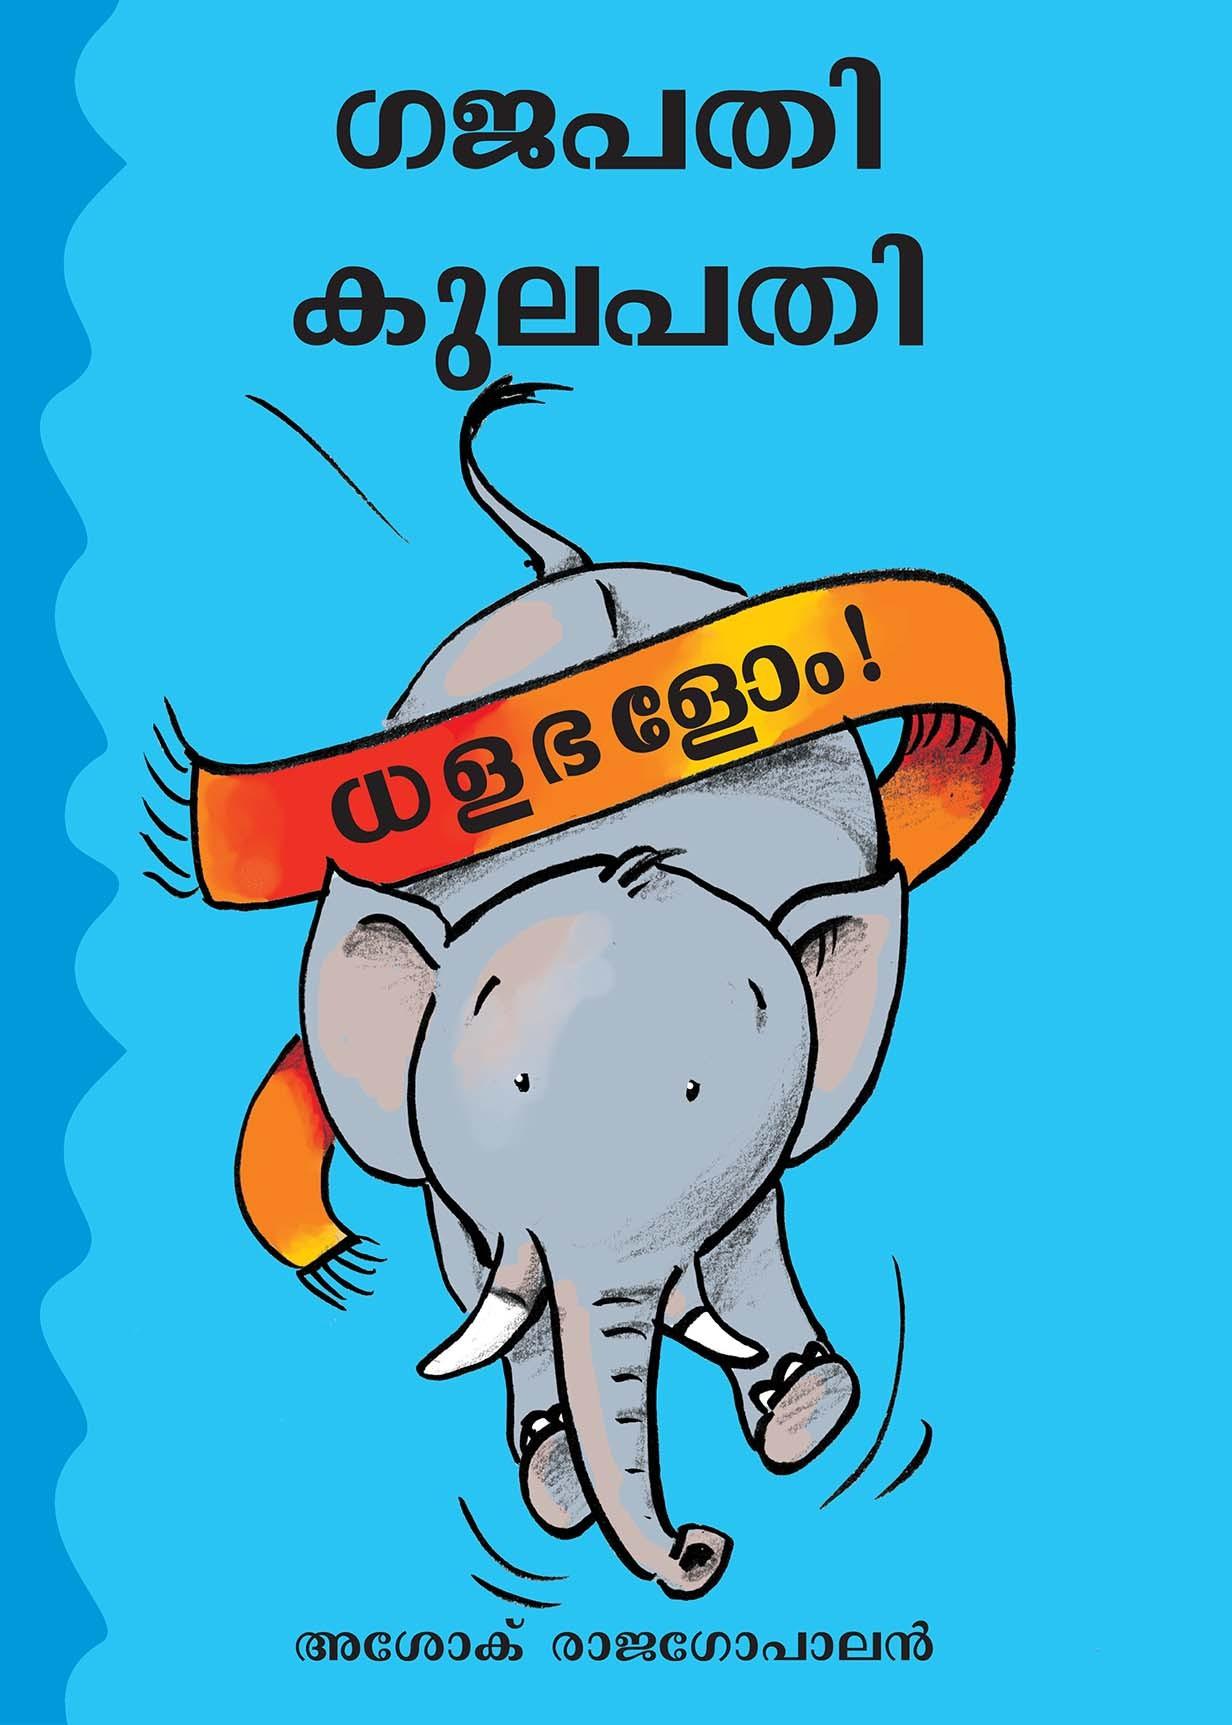 Gajapati Kulapati Kalabalooosh/Gajapati Kulapati-Dhalabaloom! (Malayalam)